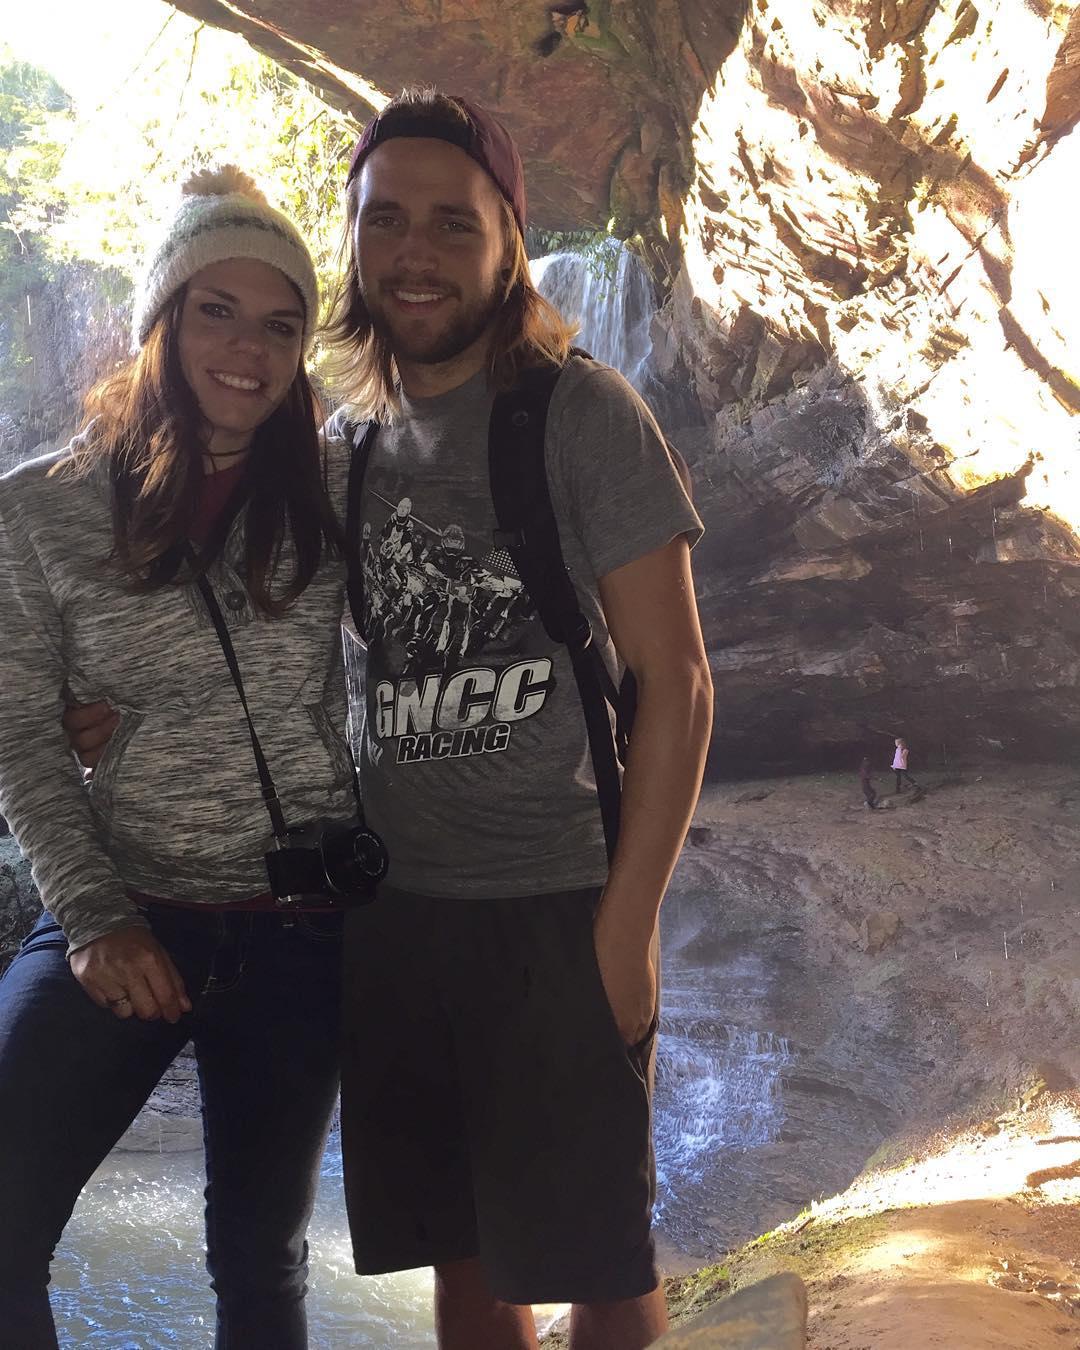 We went exploring! @whatthefett #colditzcove #hike #byebyemountains